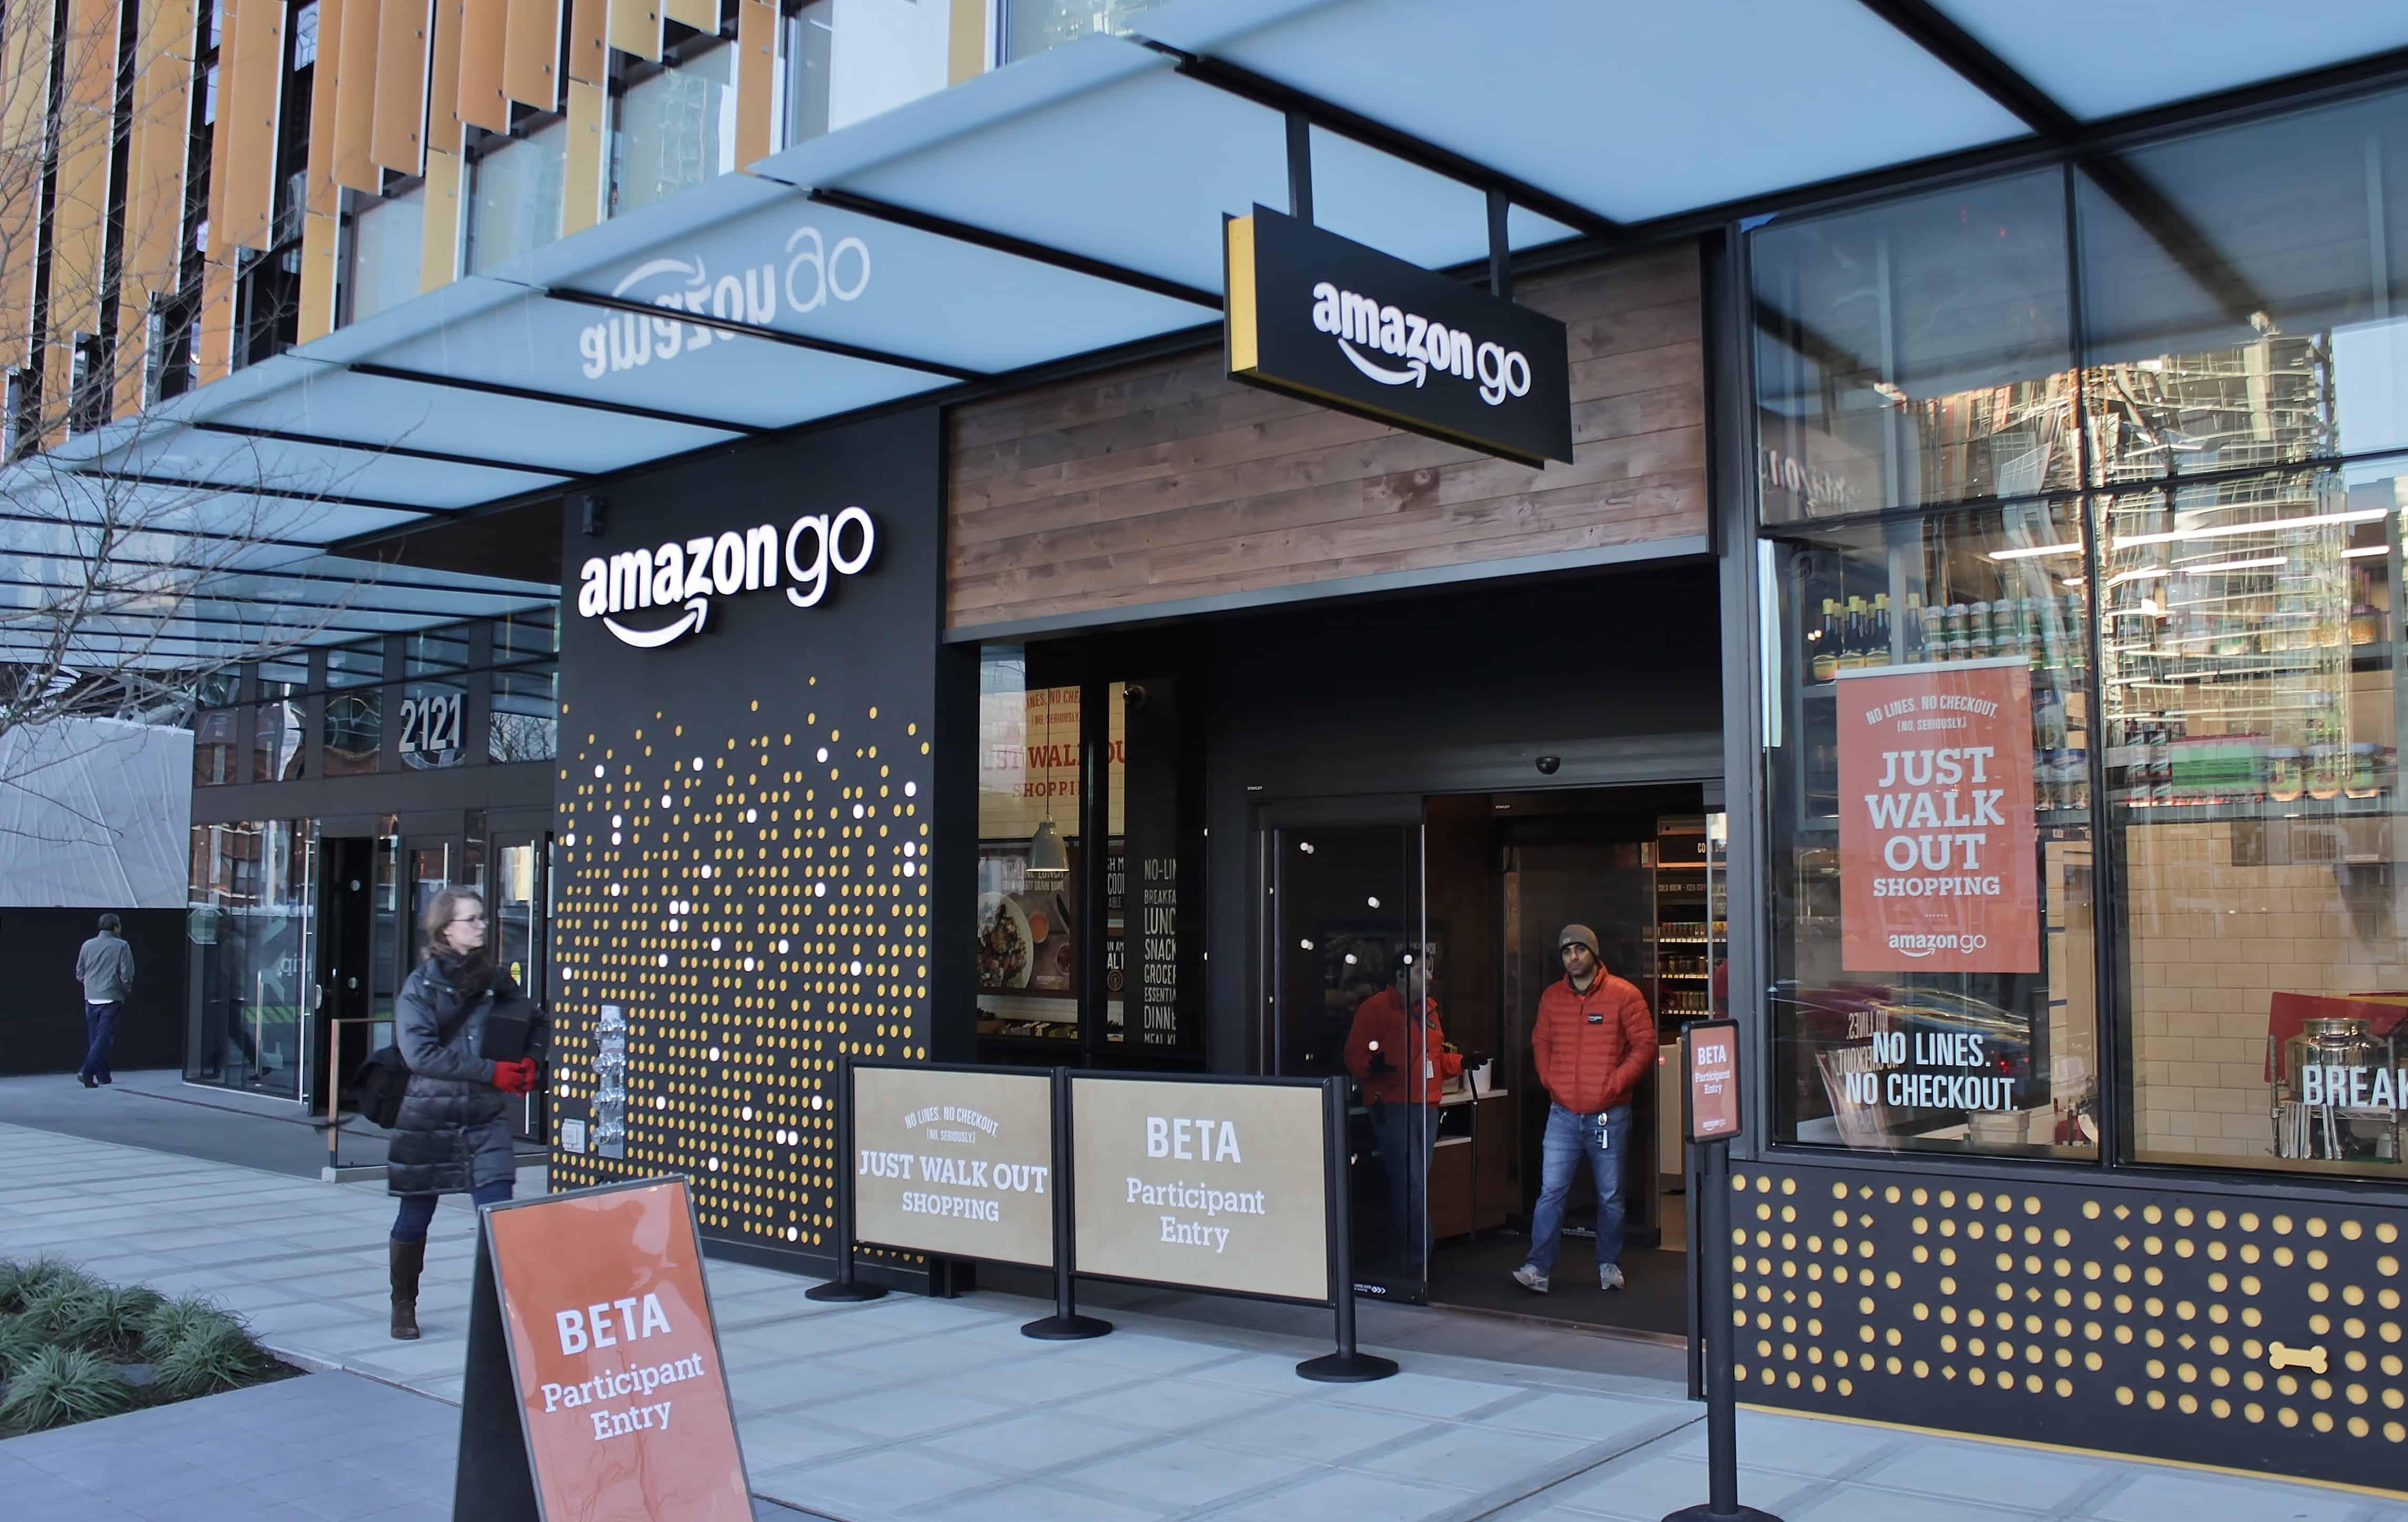 Kommer Amazon Go till Sverige?